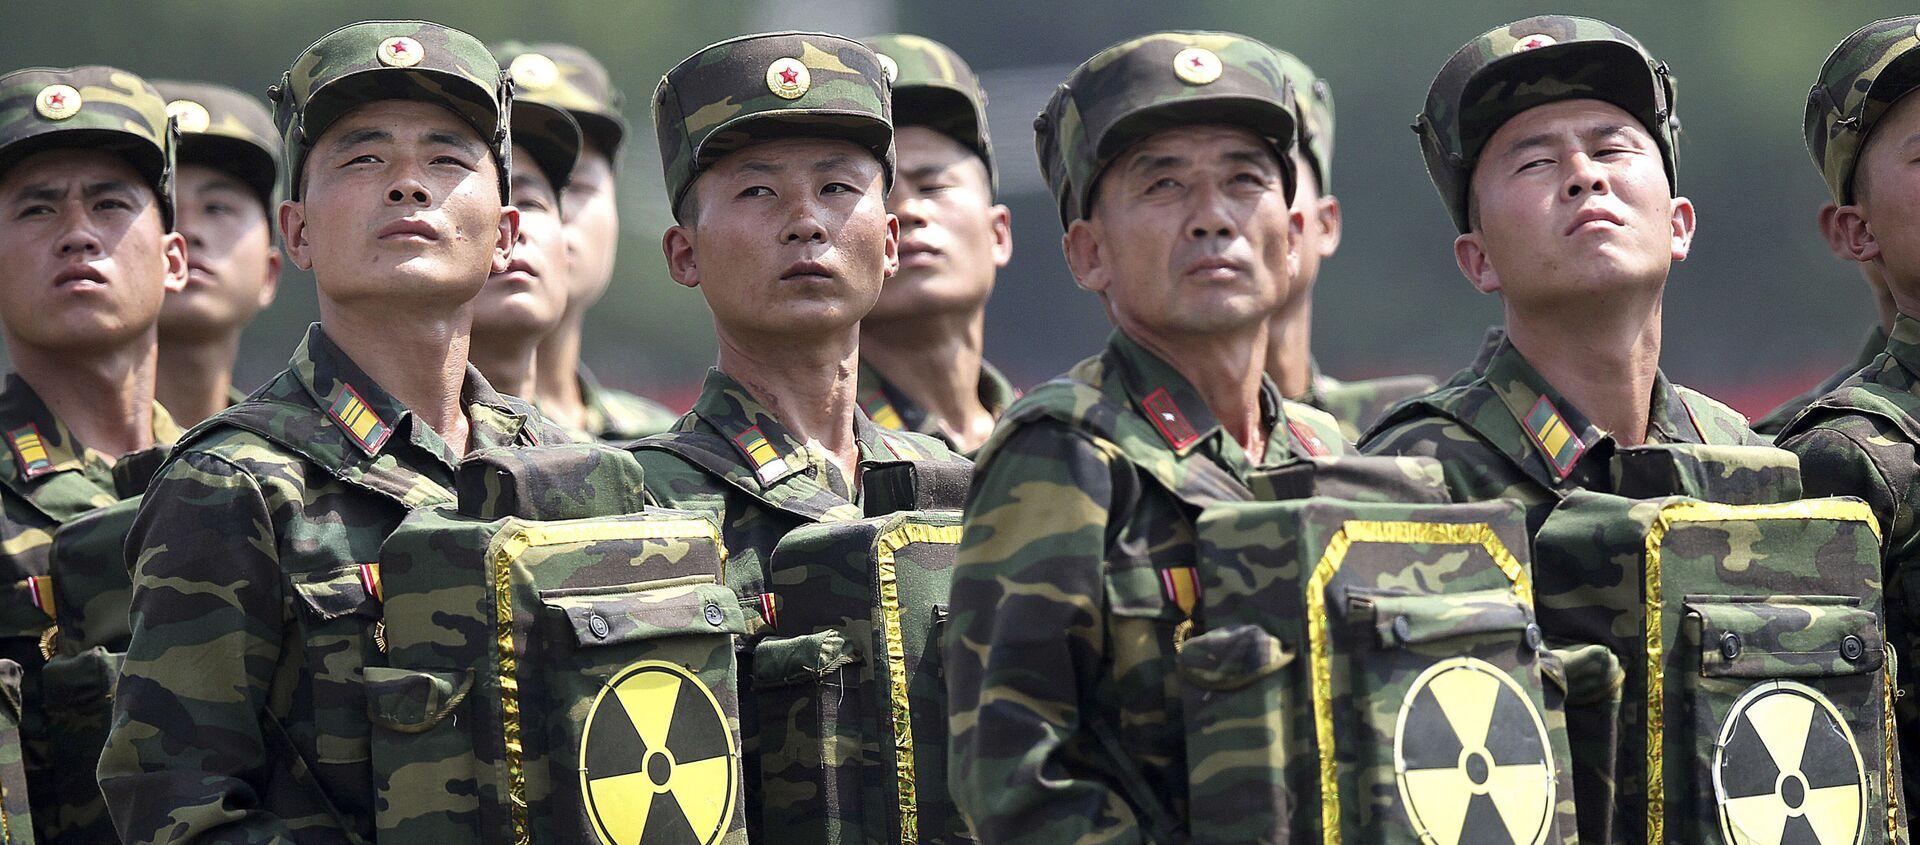 Các quân nhân Bắc Triều Tiên trong cuộc diễu binh ở Bình Nhưỡng - Sputnik Việt Nam, 1920, 28.01.2021